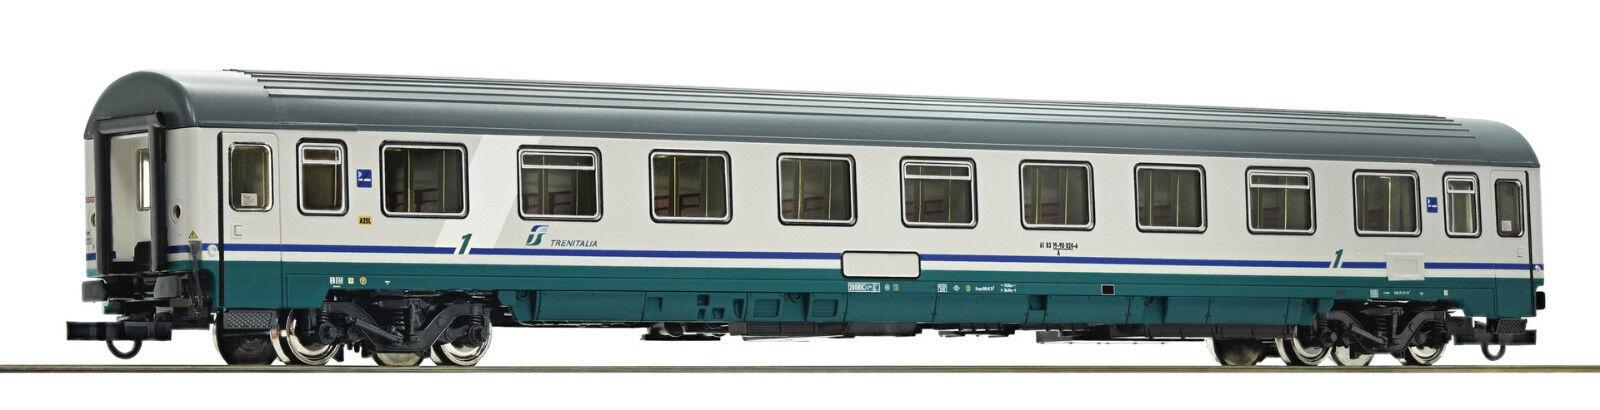 ROCO 74330 ho viaggiatori 1. CLASSE IN XMPR design della fs-1:87 - EPOCA V-Nuovo